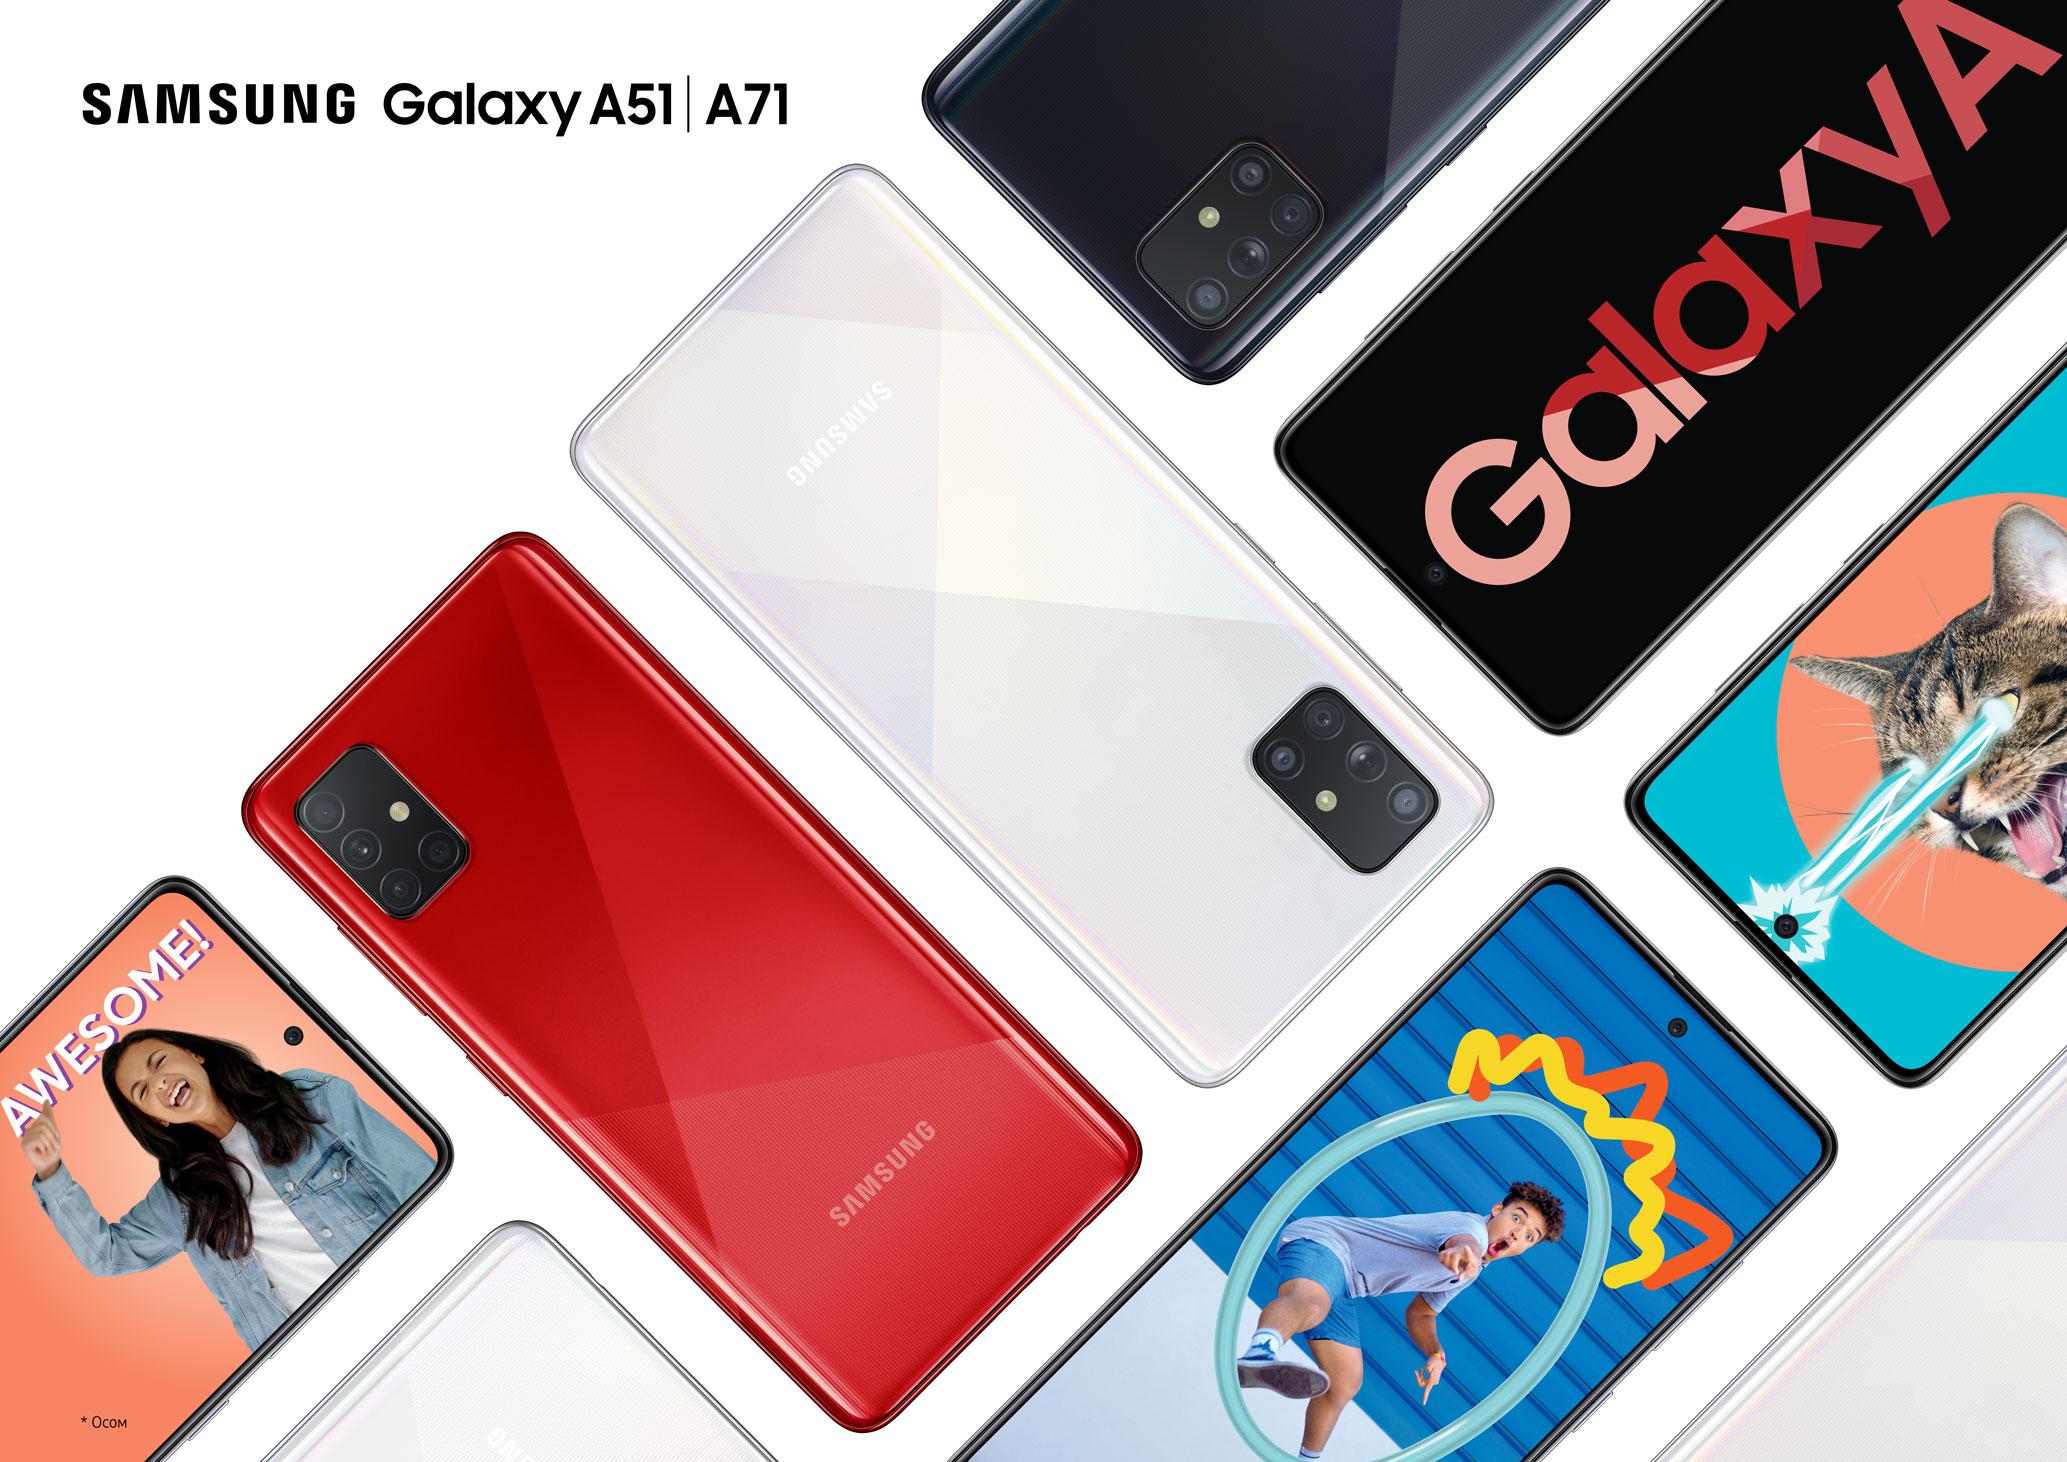 Смартфоны Samsung Galaxy A71 и Galaxy A51